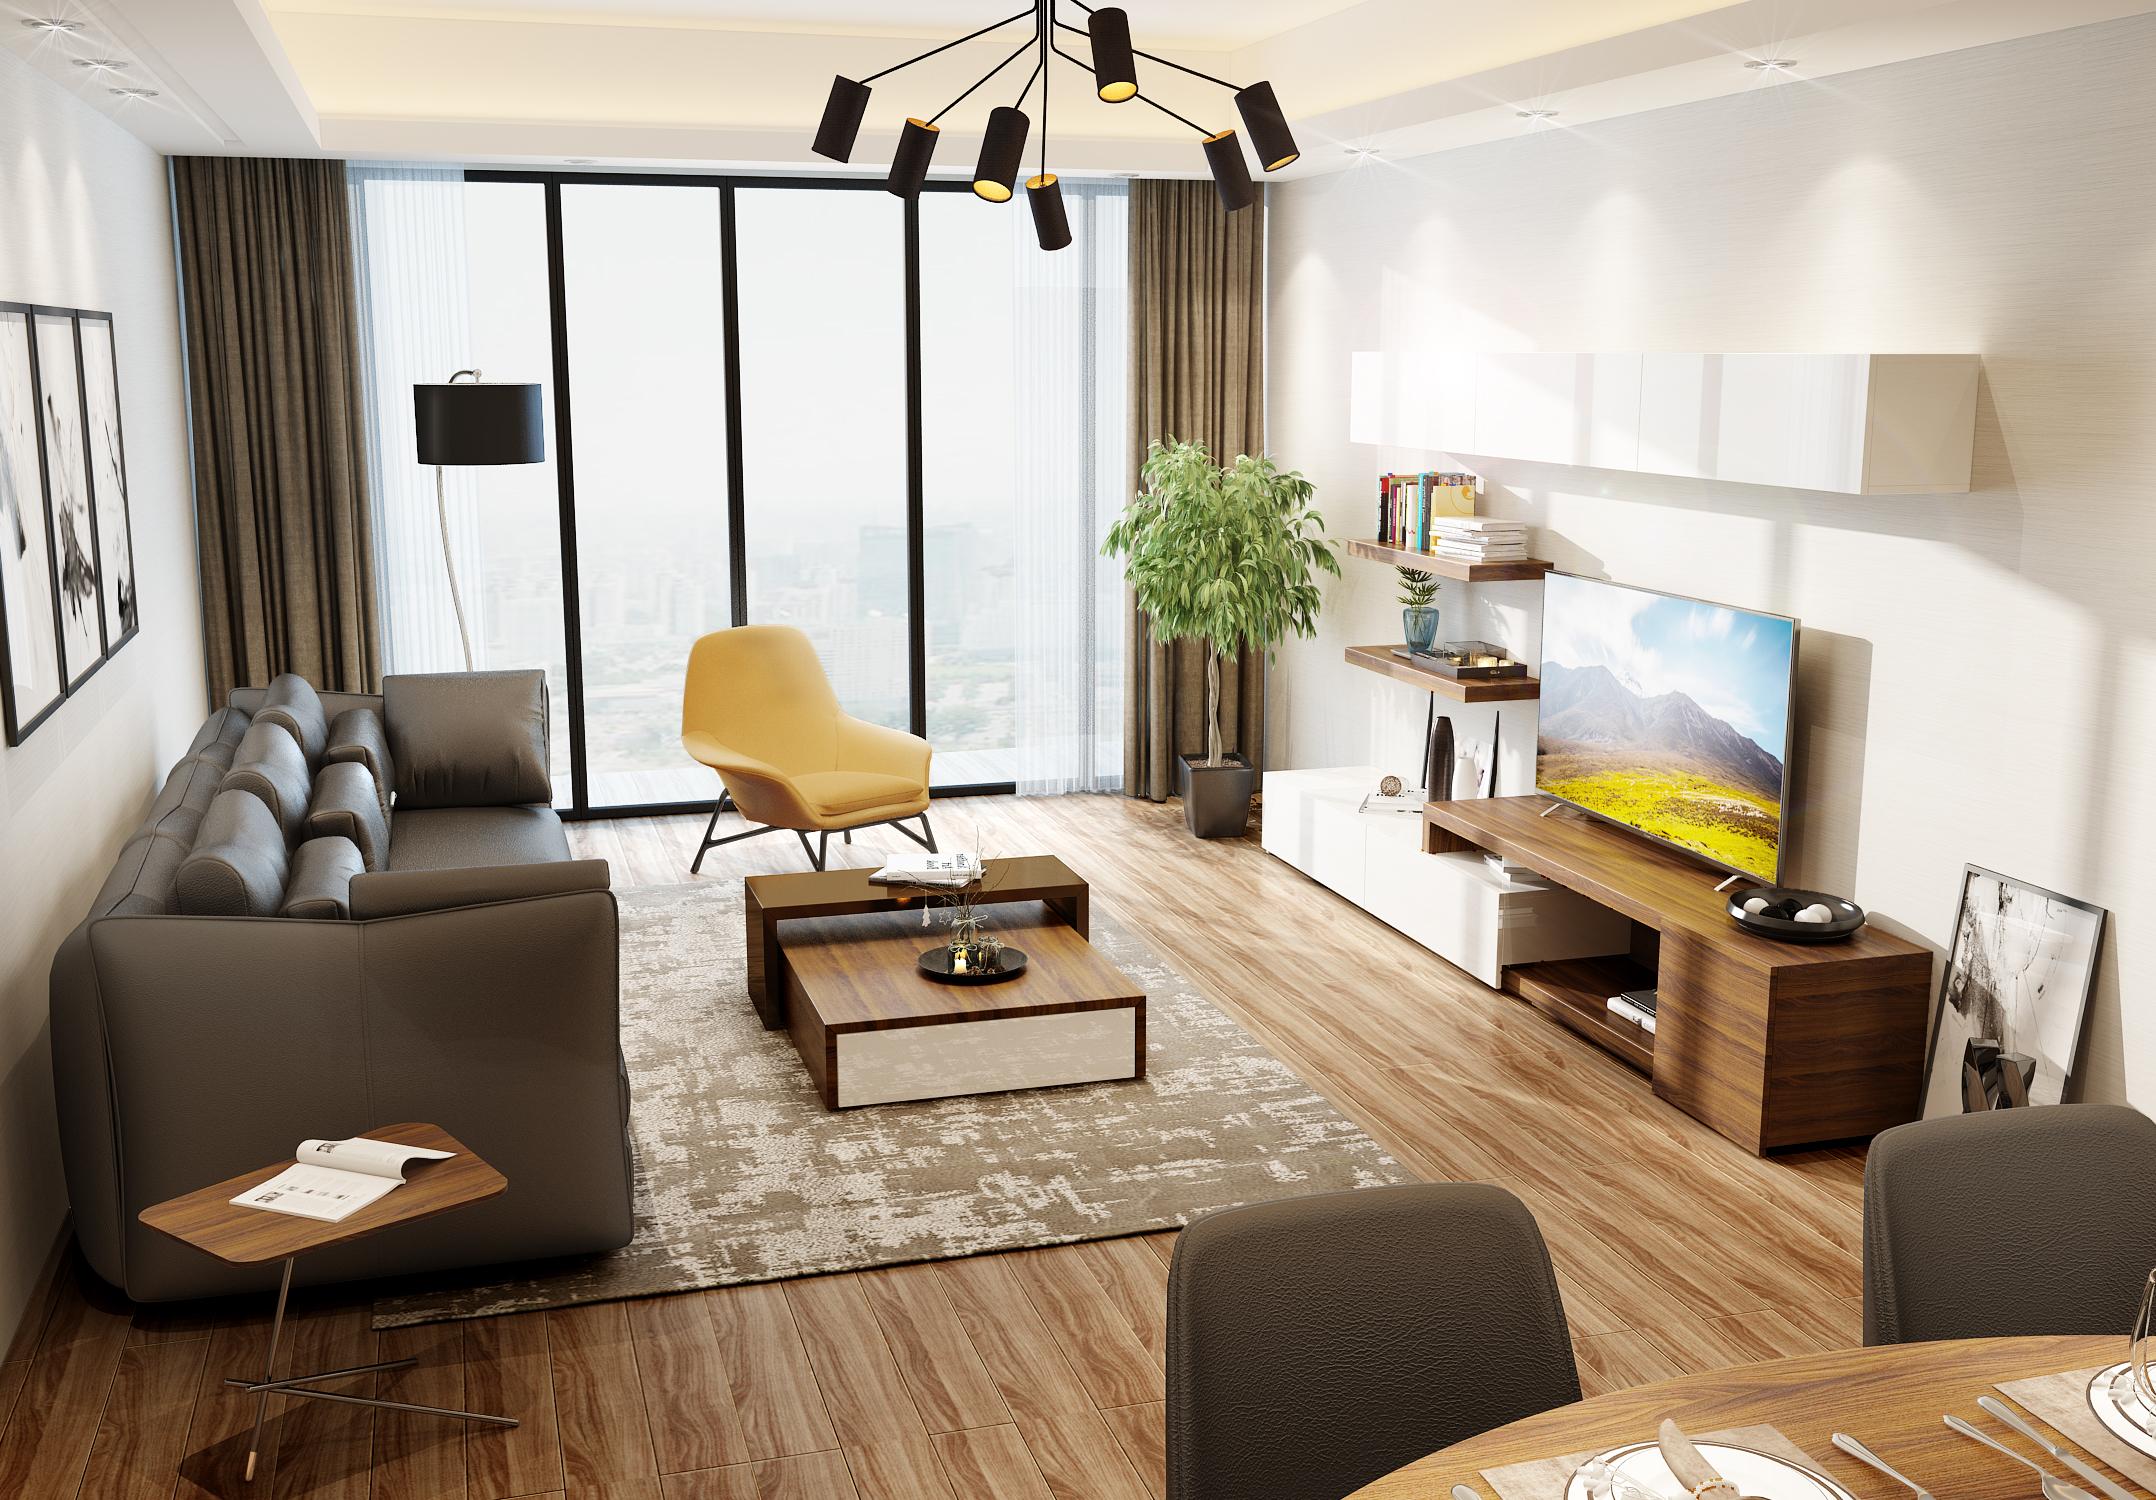 胡桃木系列 电视柜 茶几   瑞博沙发图片